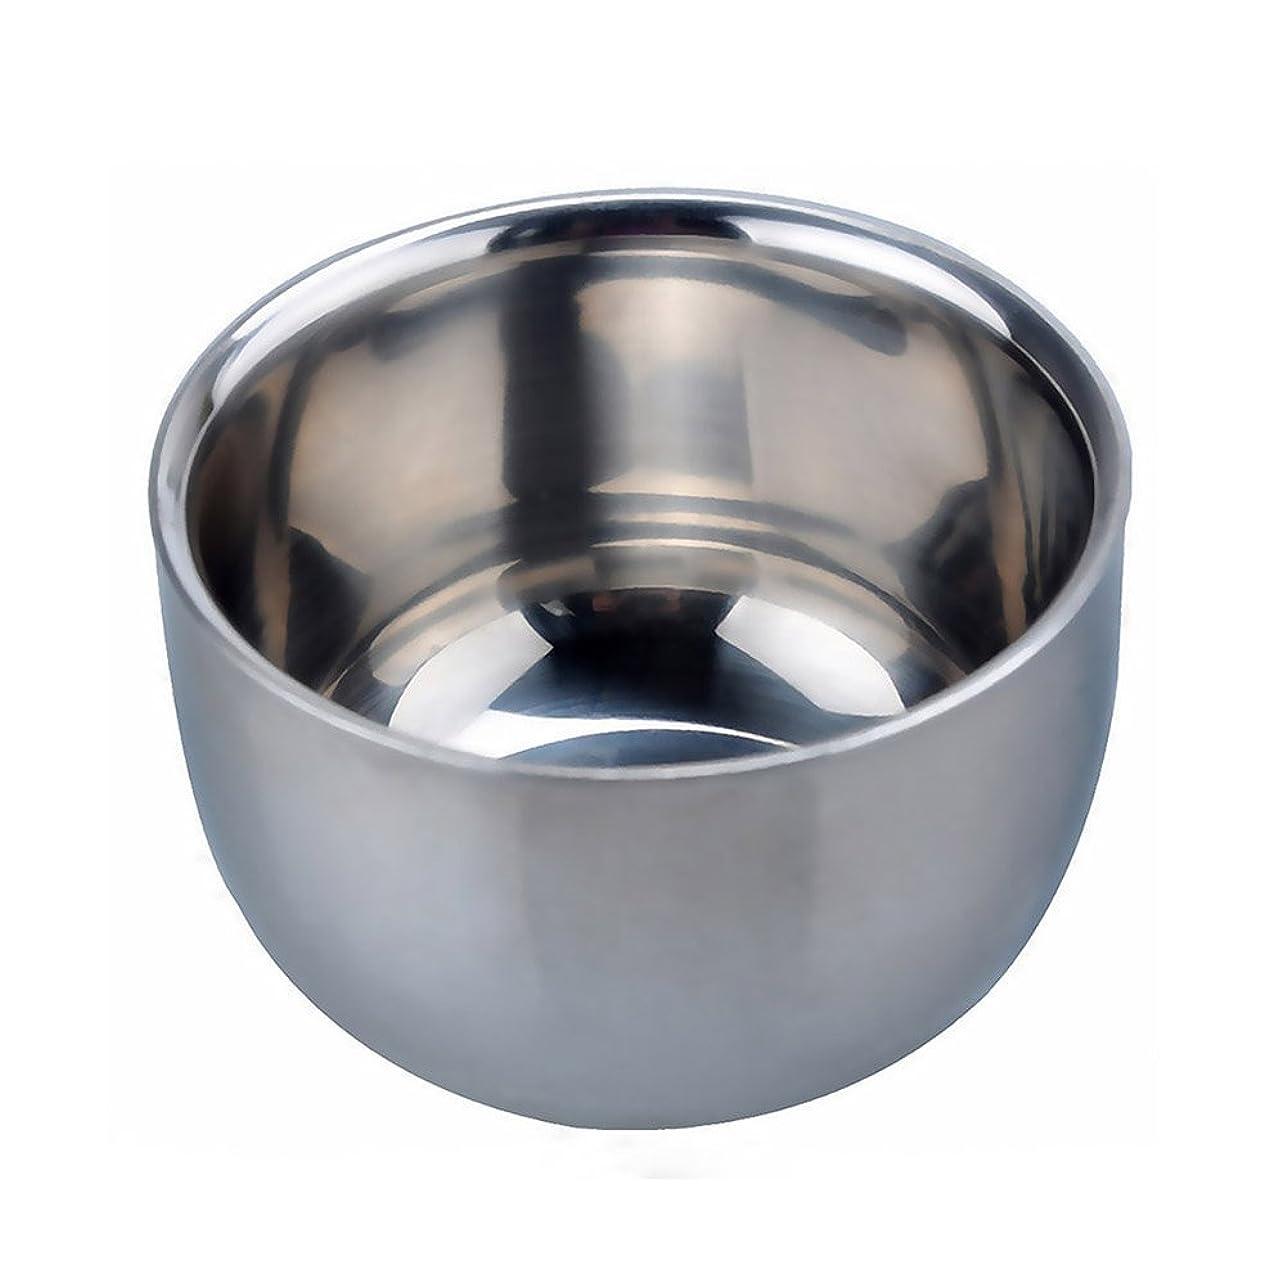 慣性天の悩むMen's Durable Shave Soap Cup Shining High Quality Double Layer Stainless Steel Heat Insulation Smooth Shaving Mug Bowl [並行輸入品]